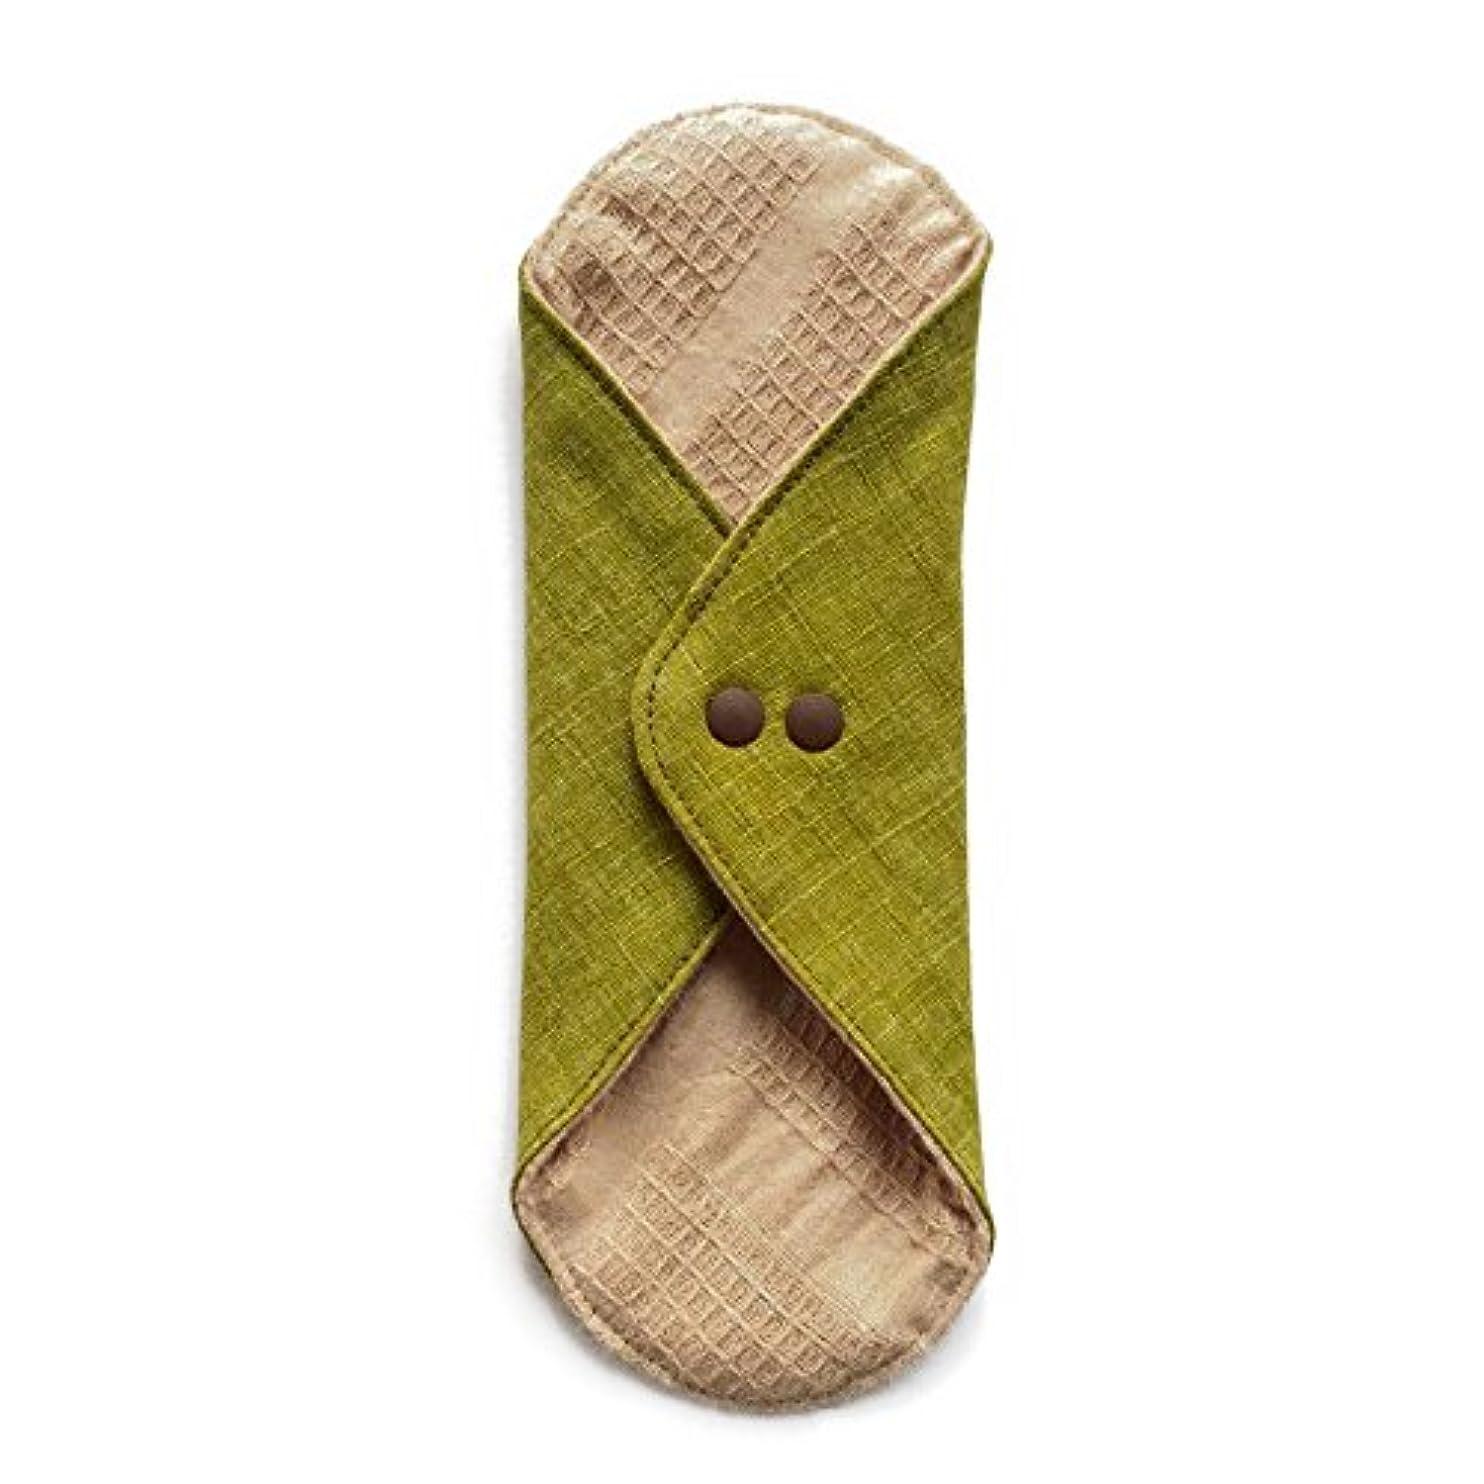 思慮のない雪だるま服を片付ける華布のオーガニックコットンのあたため布 Lサイズ (約18×約20.5×約0.5cm) 彩り(抹茶)